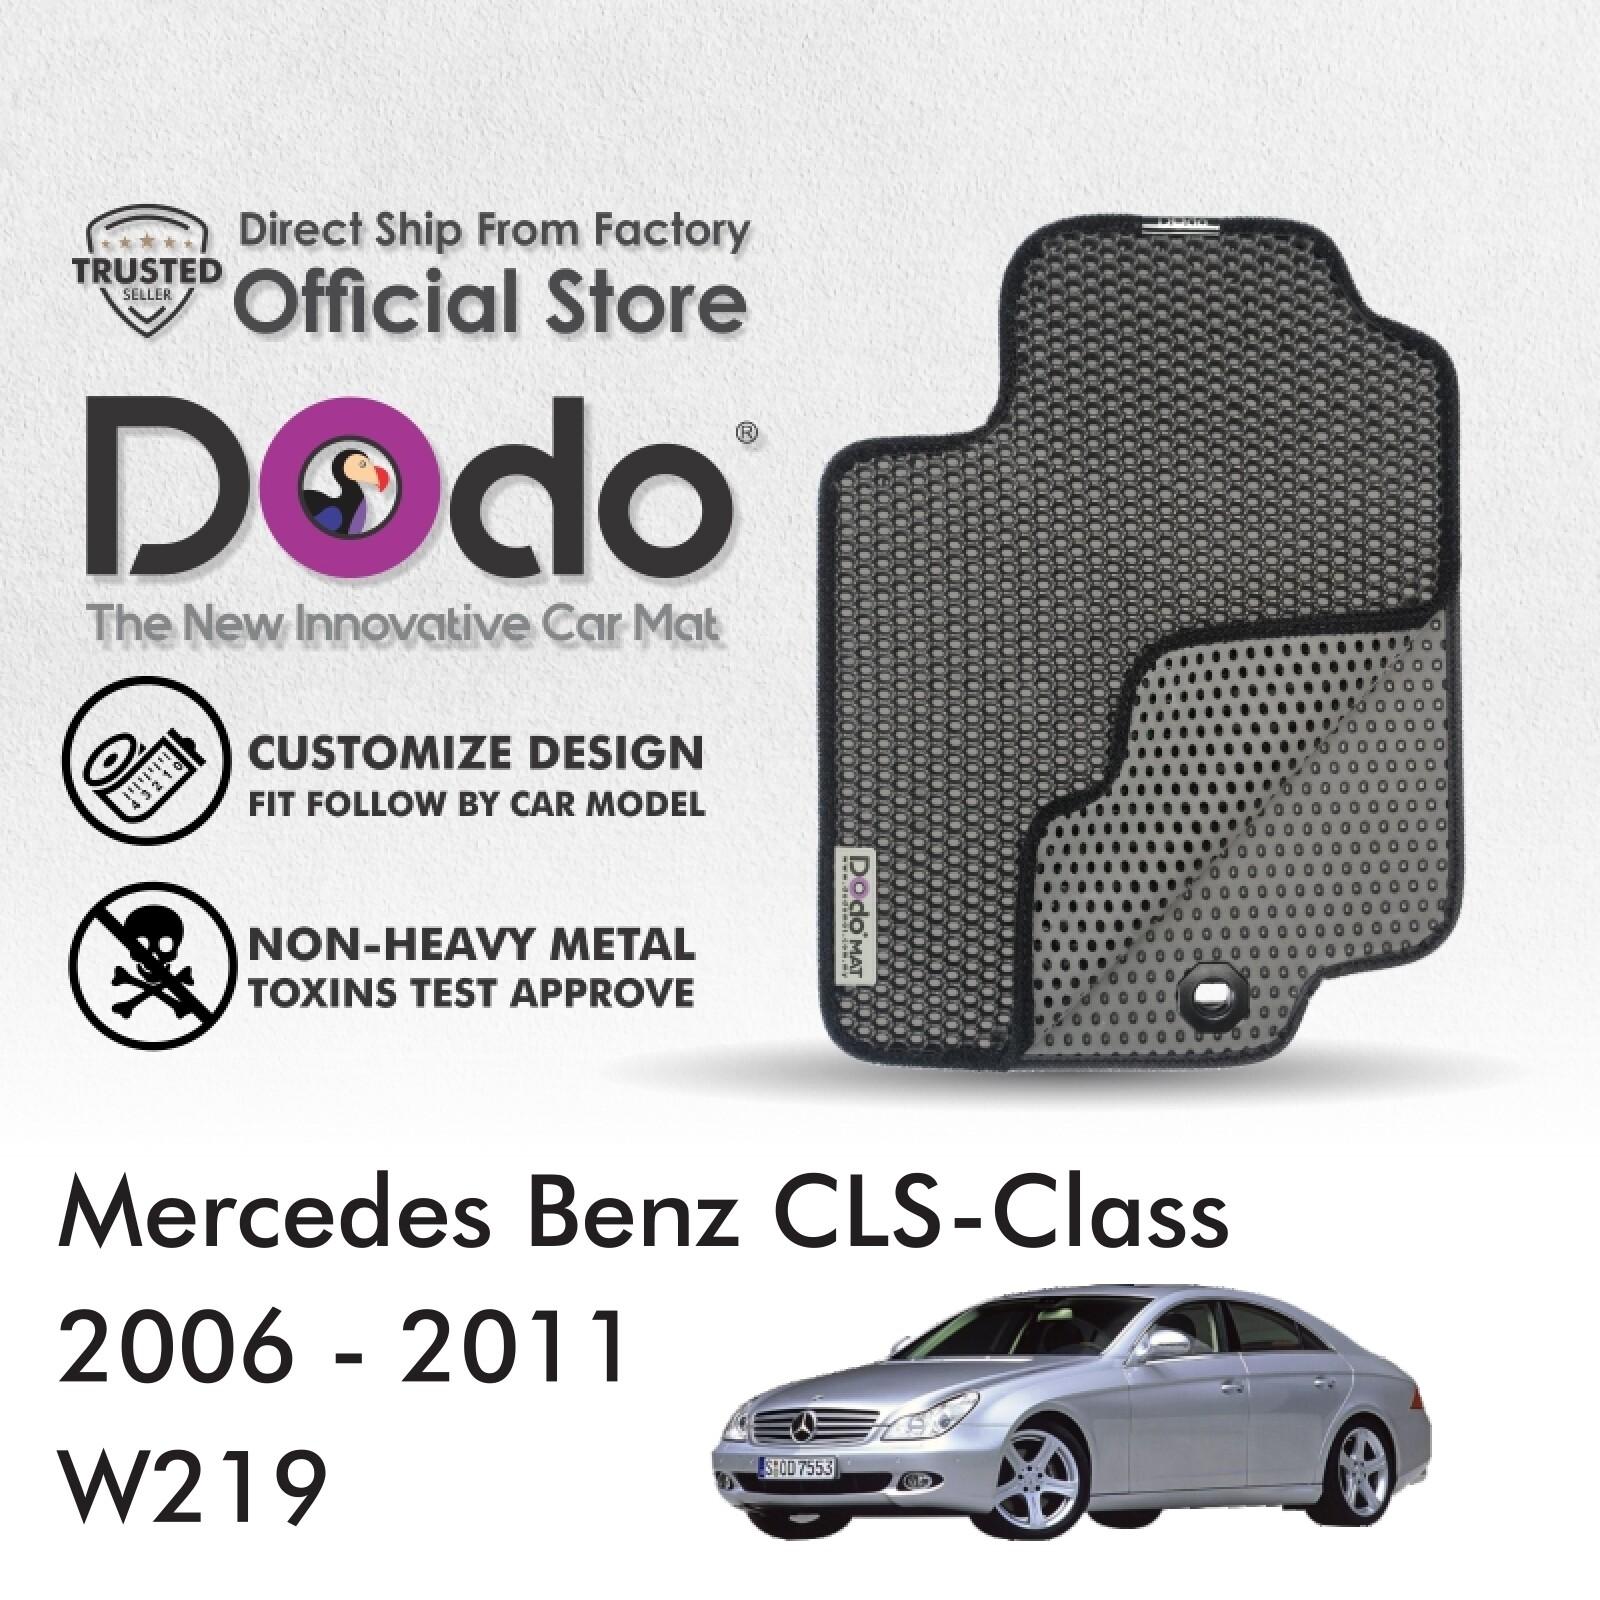 Dodo® Car Mat / Mercedes Benz CLS-Class / 2006 - 2011 / W219